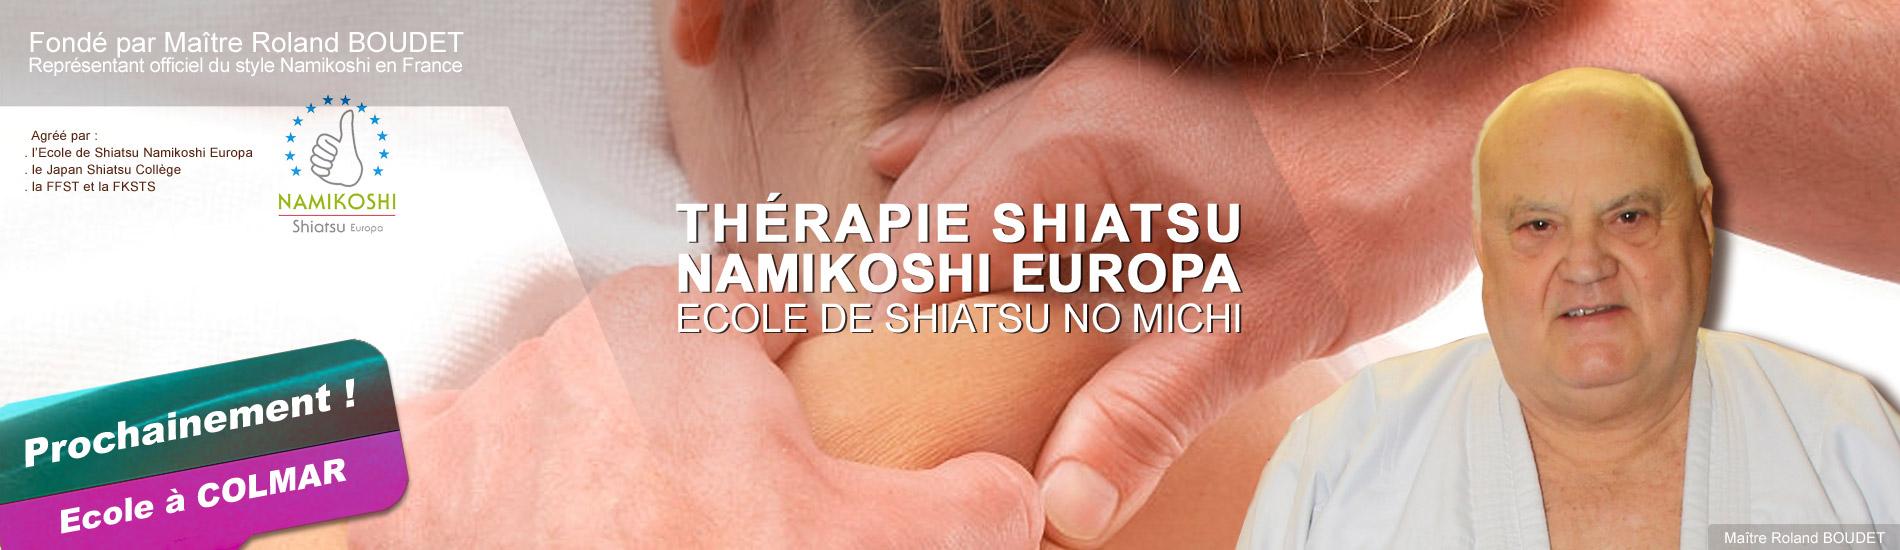 Thérapie Shiatsu</br><style=font-size:xx-small>Namikoshi Europa</style>